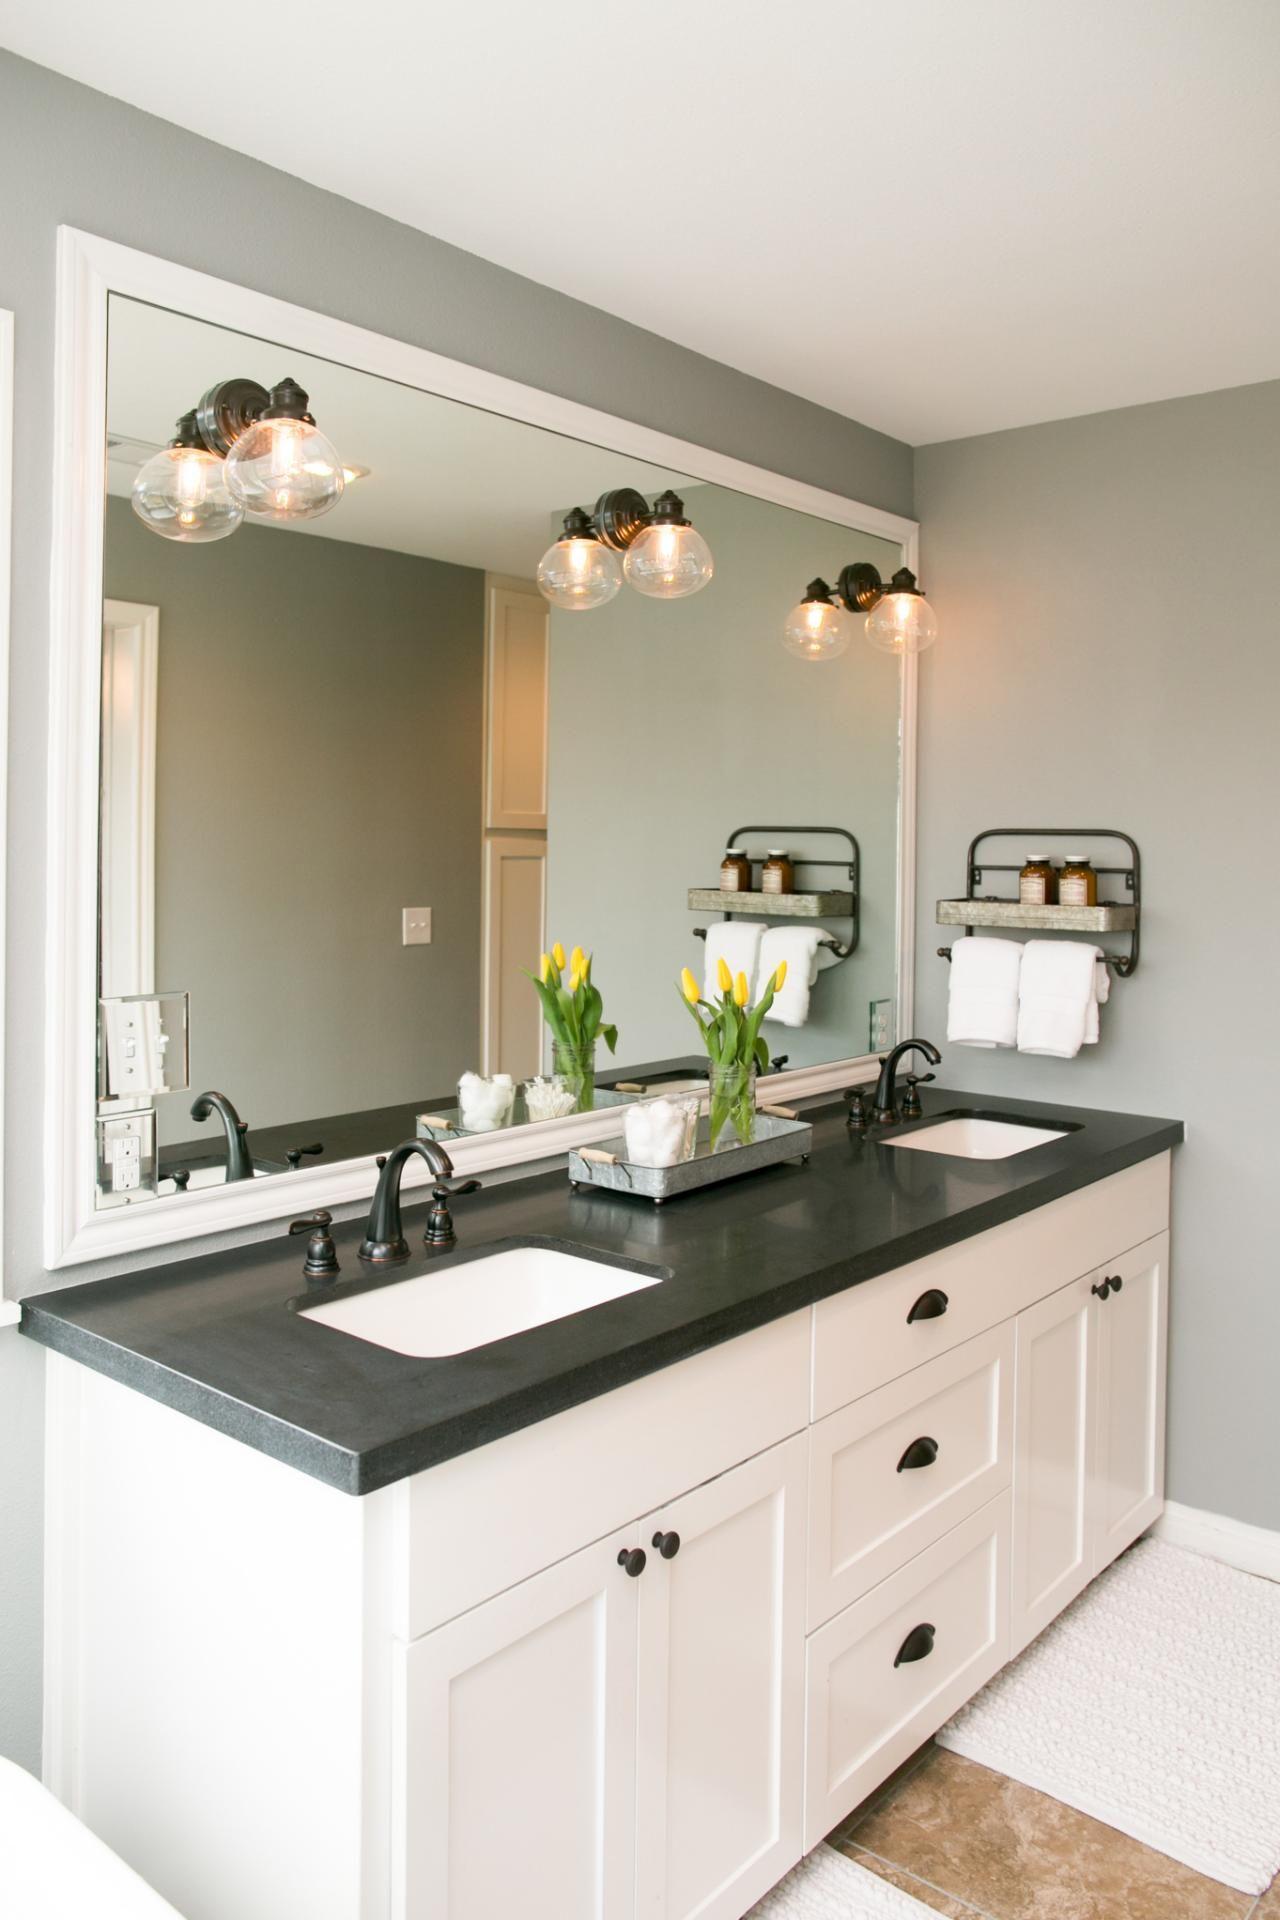 Double Vanity Sinks White Vanity Bathroom Black Bathroom Bathroom Countertops